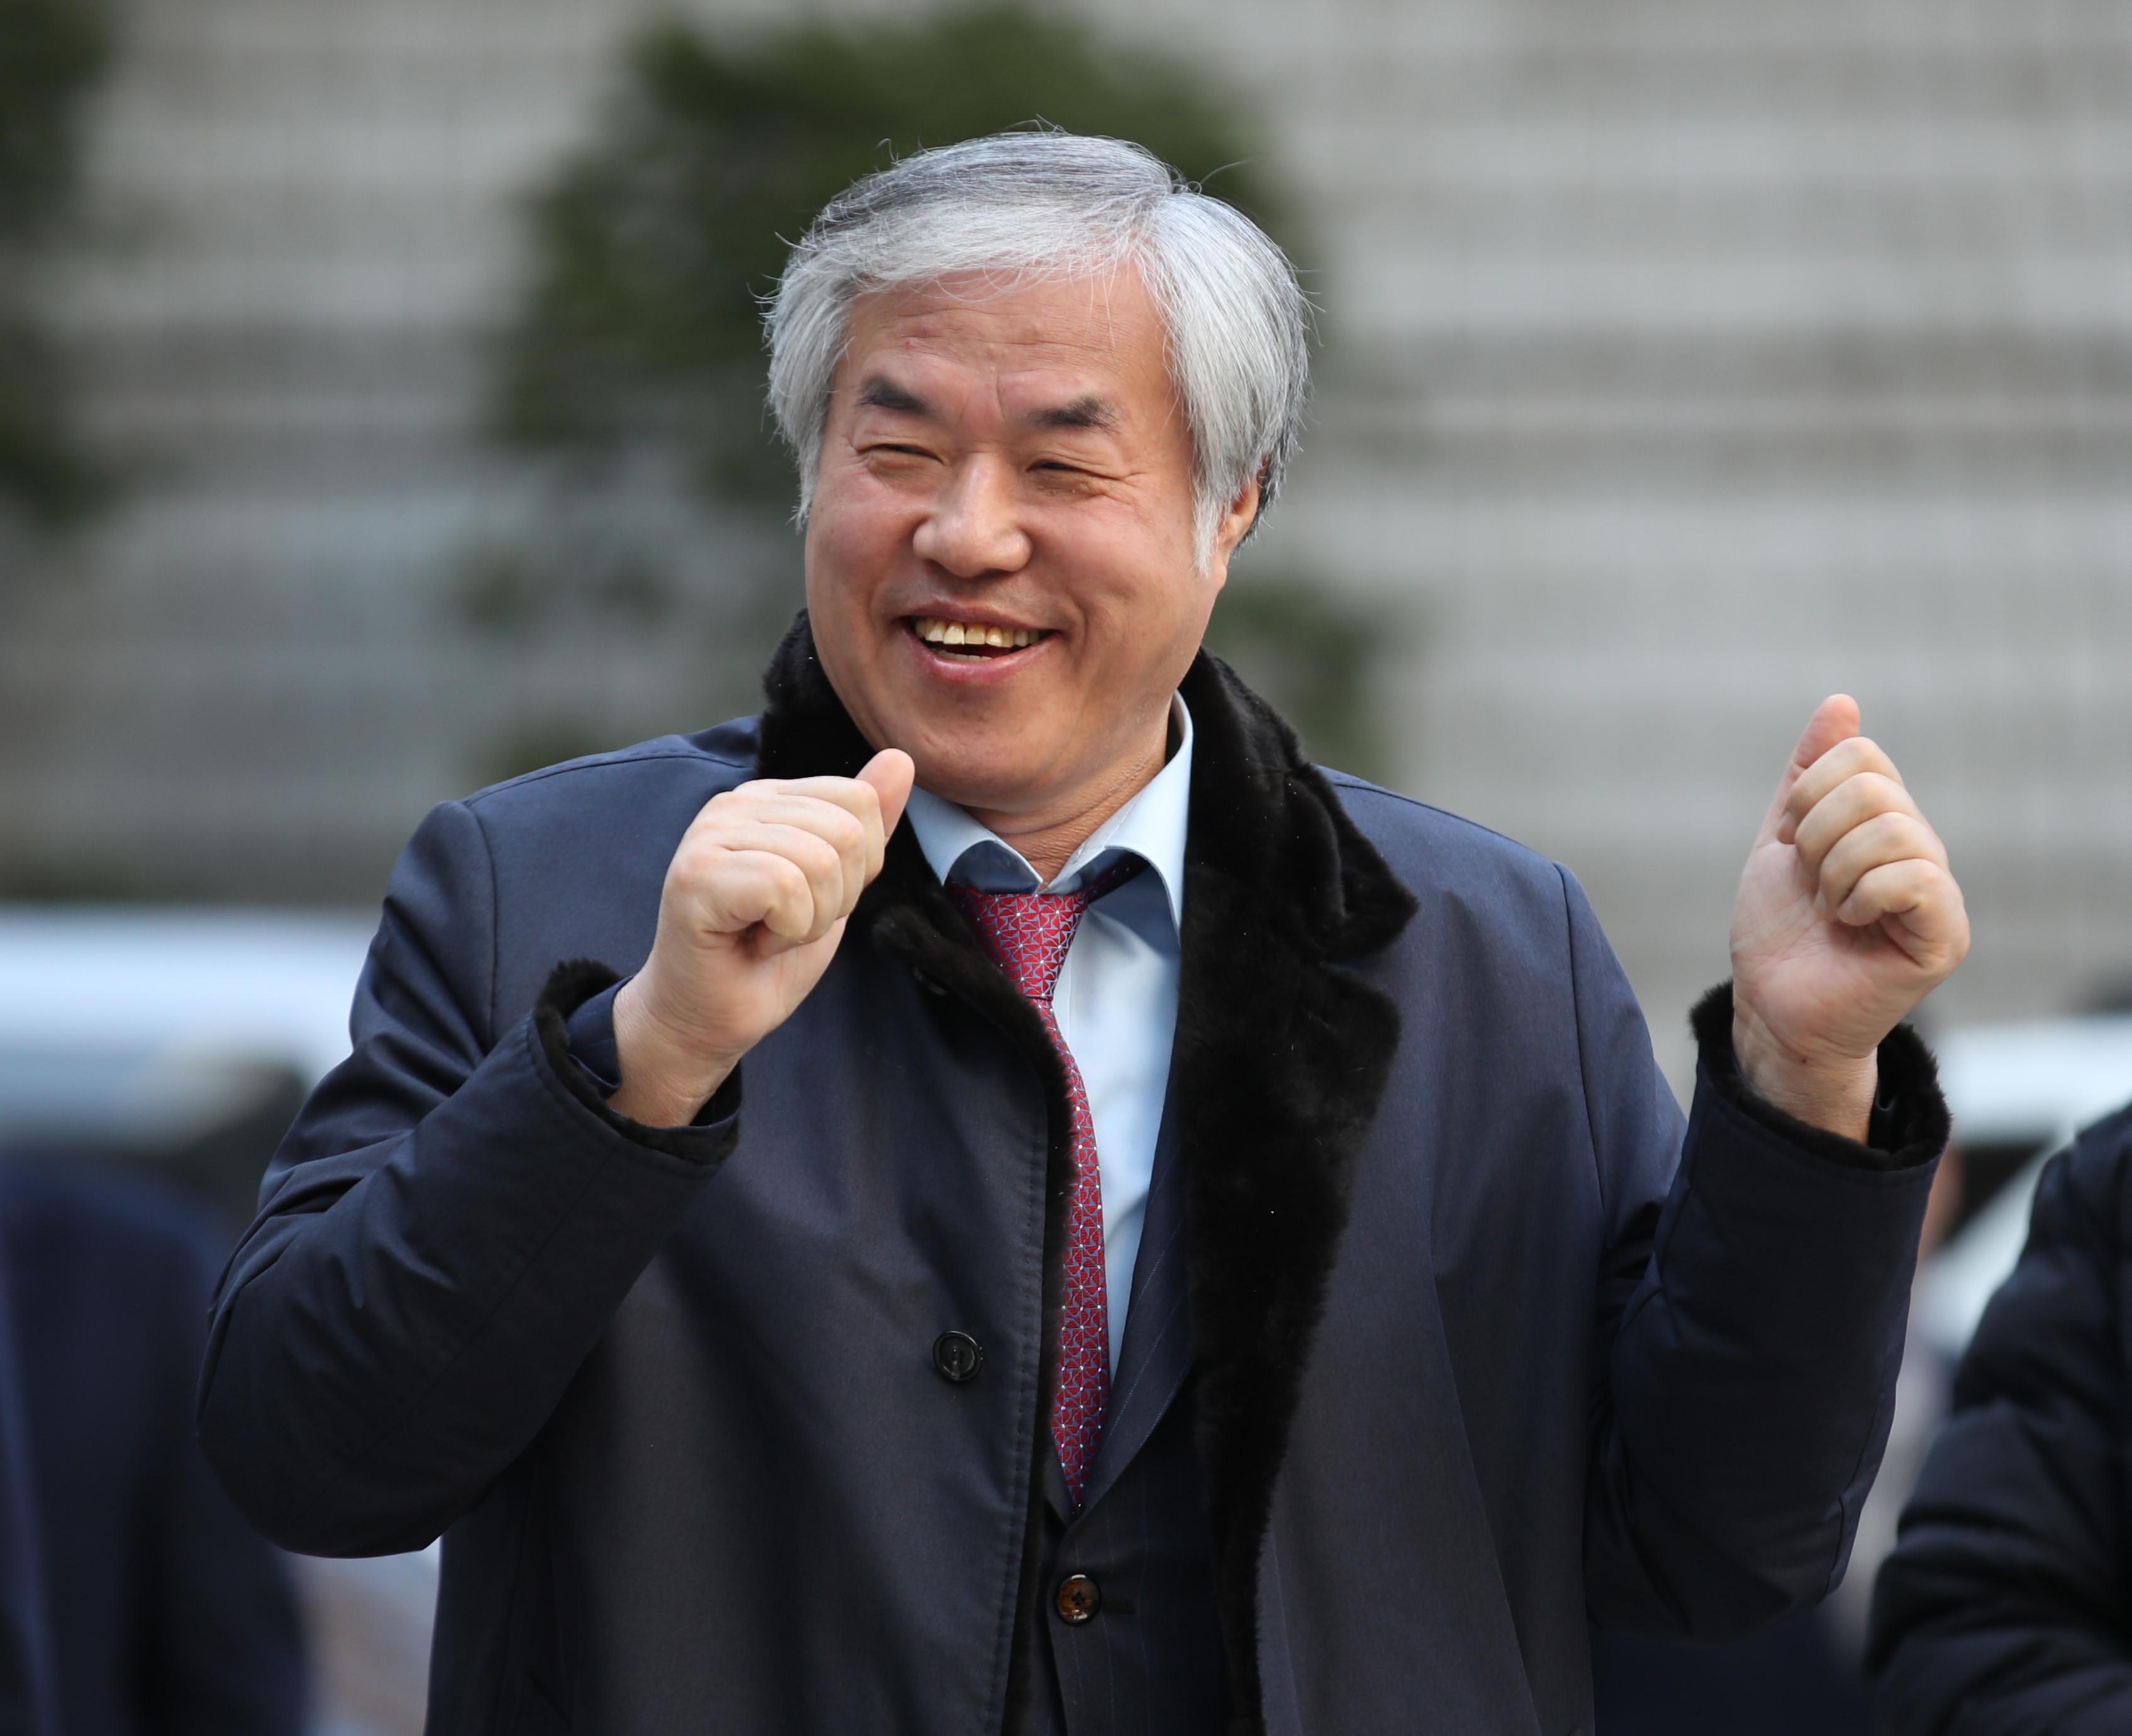 ▲▼全光焄牧師多次違反防疫規則,首爾市府研擬下周向其求償5億韓元以上。(圖/達志影像)